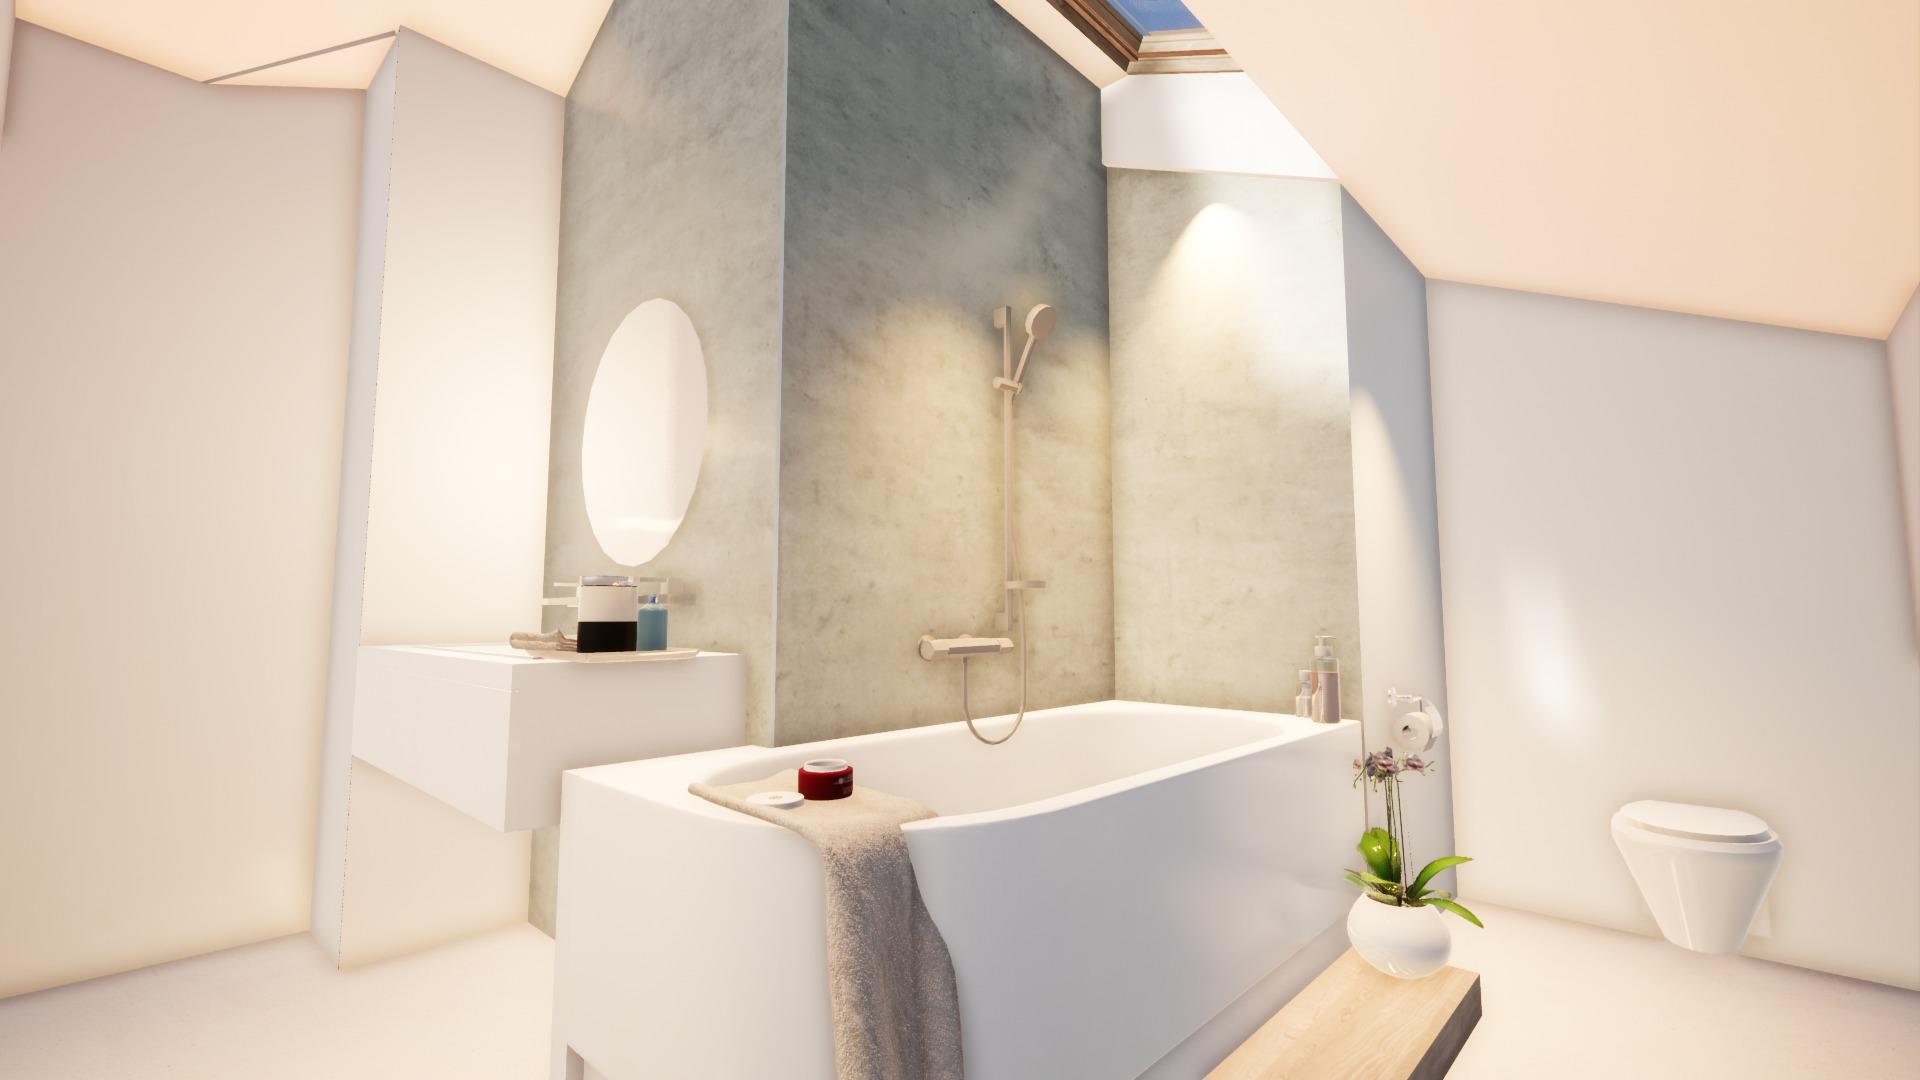 RÉNOVATION ET EXTENSION D'UNE MAISON au Pays Basque - photo salle de bain